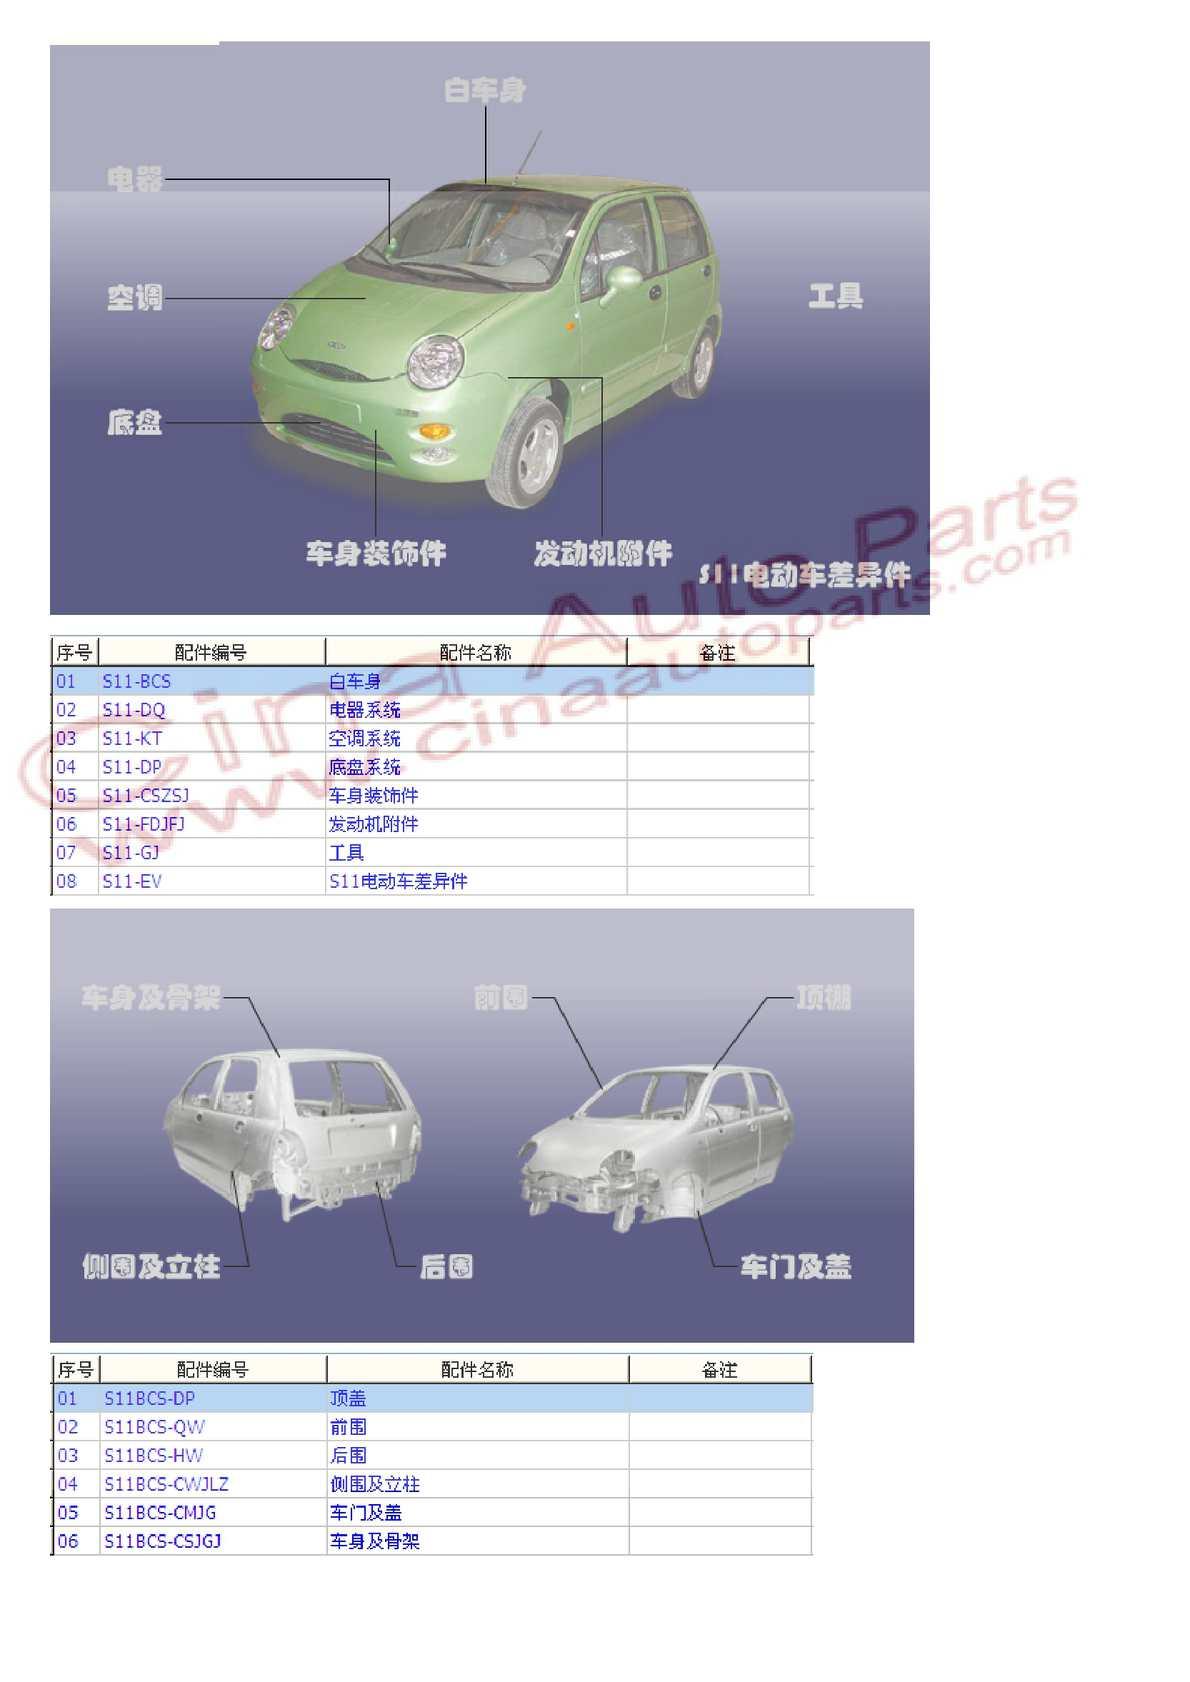 Chery Qq Parts Catalog Cina Auto Parts Calameo Downloader